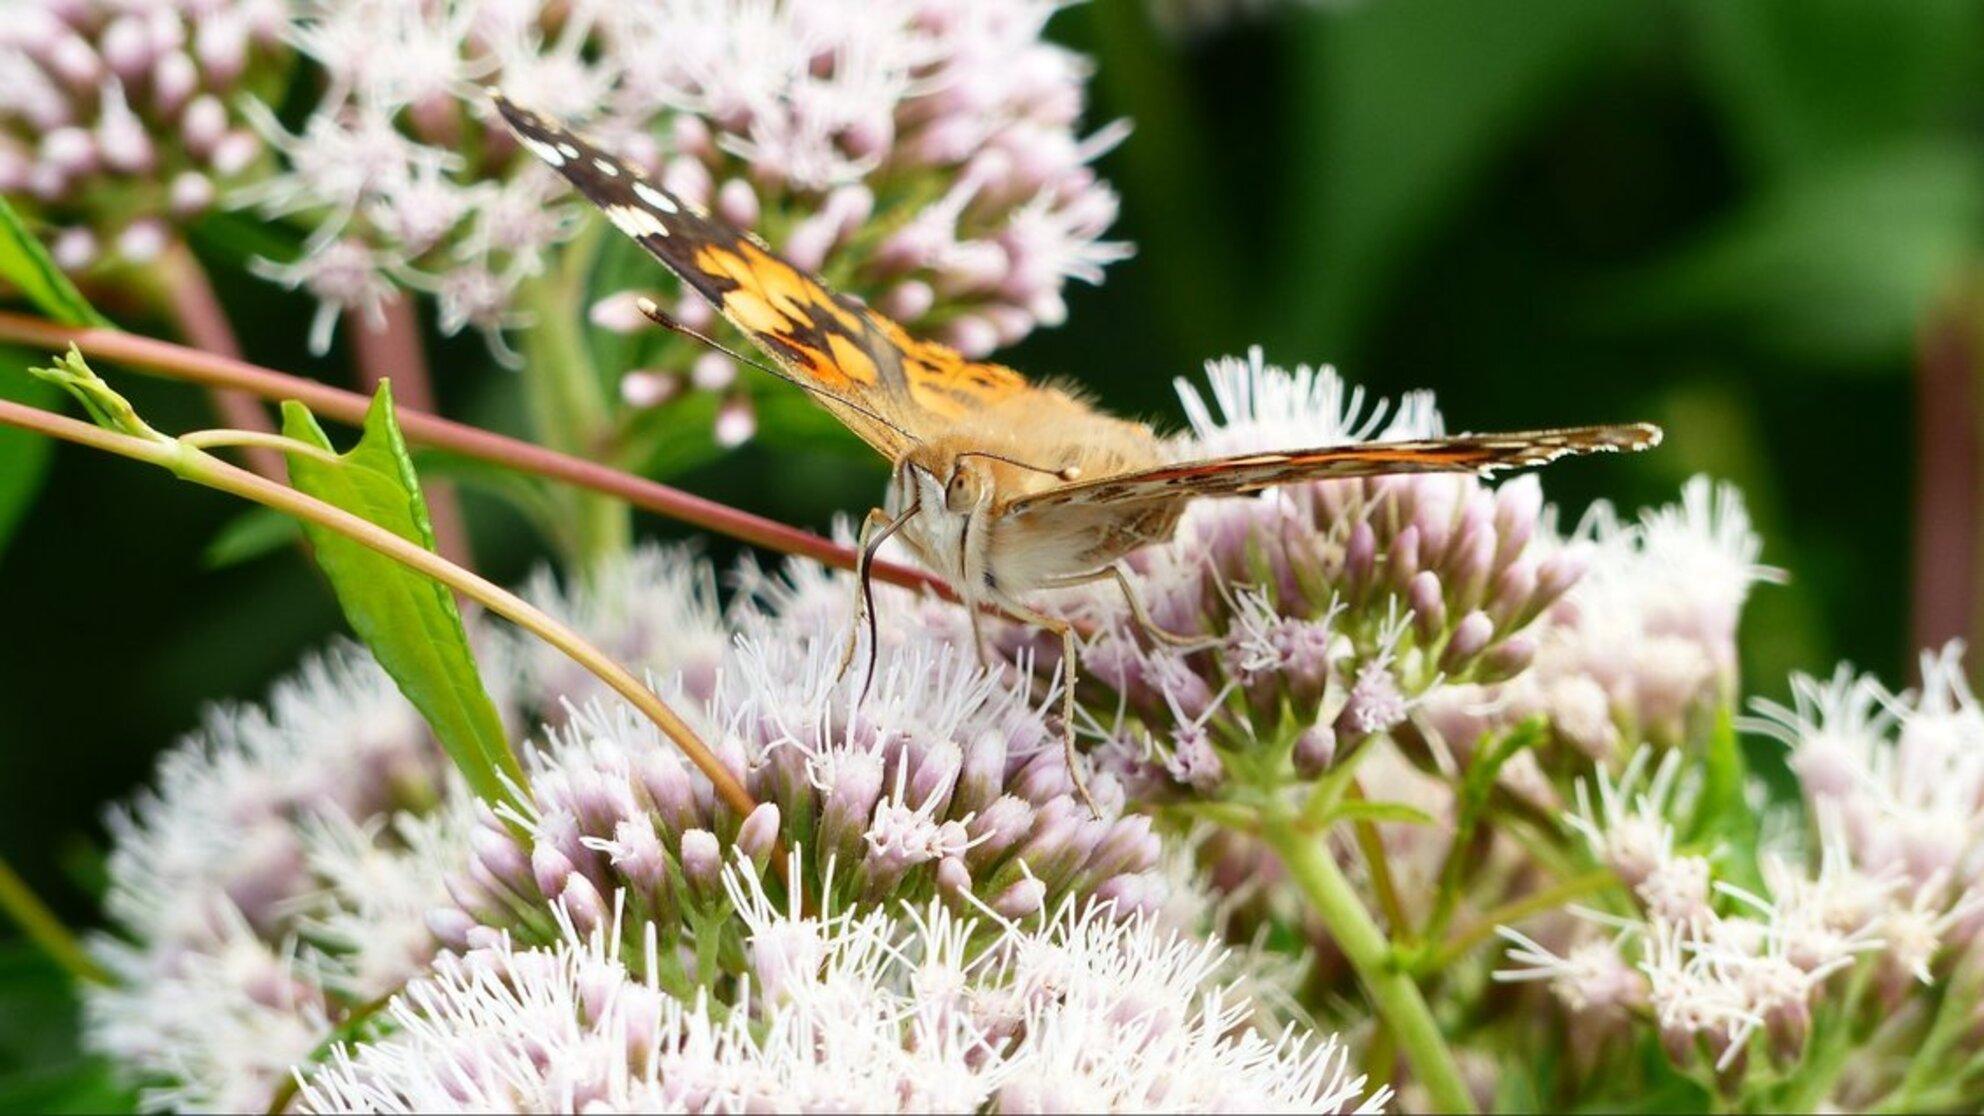 distelvlinder - Distelvlinder - foto door WoutDef op 27-02-2021 - deze foto bevat: macro, natuur, vlinder, insect - Deze foto mag gebruikt worden in een Zoom.nl publicatie